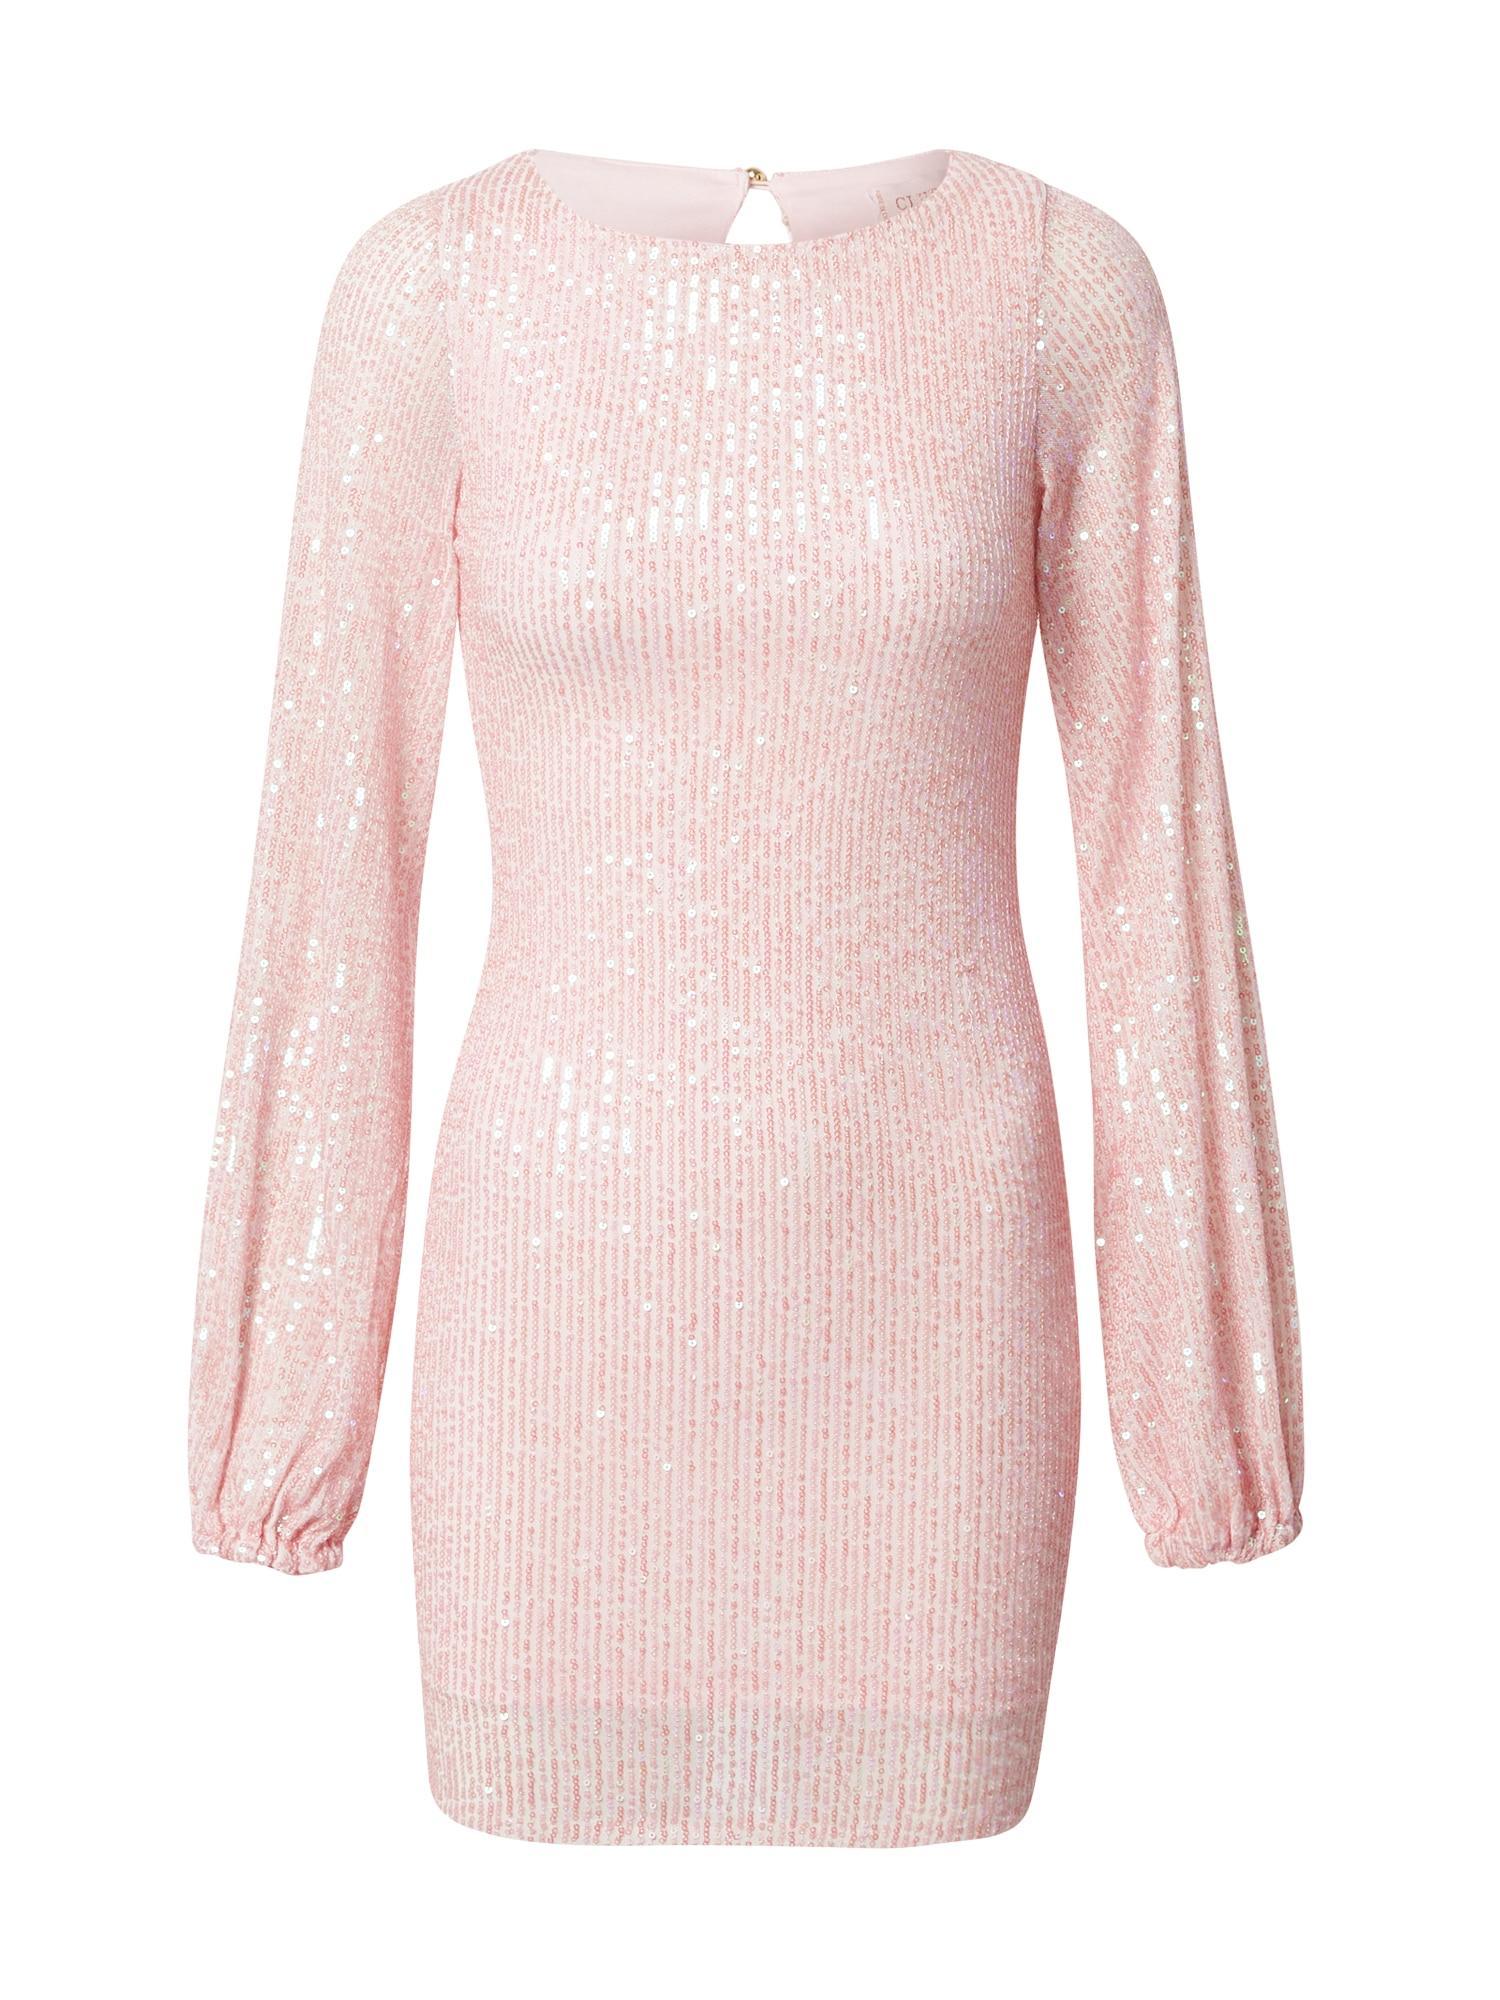 CLUB L LONDON Kokteilinė suknelė rožinė